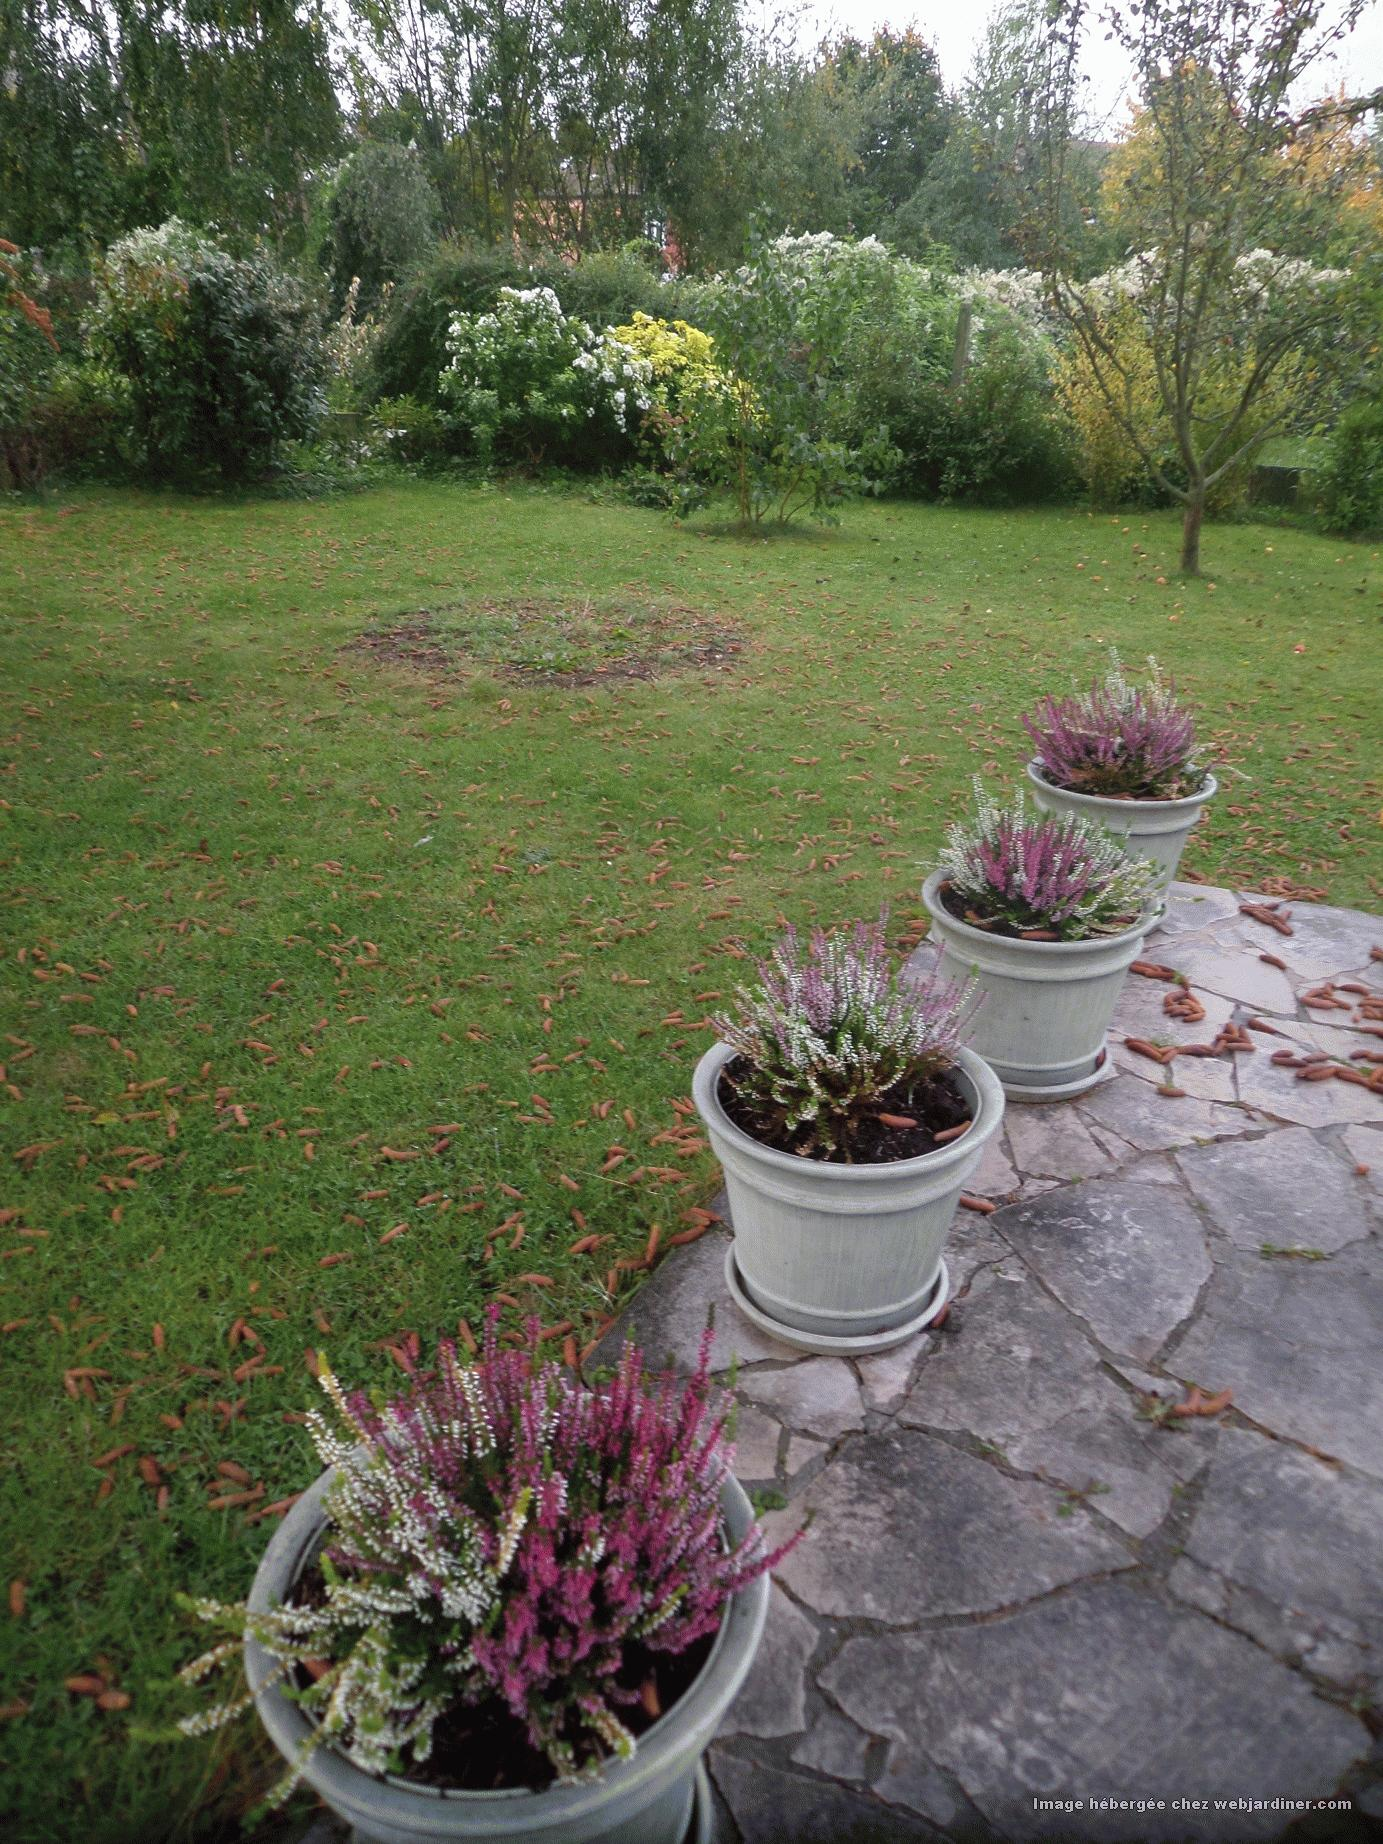 Travaux et r coltes au jardin octobre 2015 forum du for Jardin octobre 2015